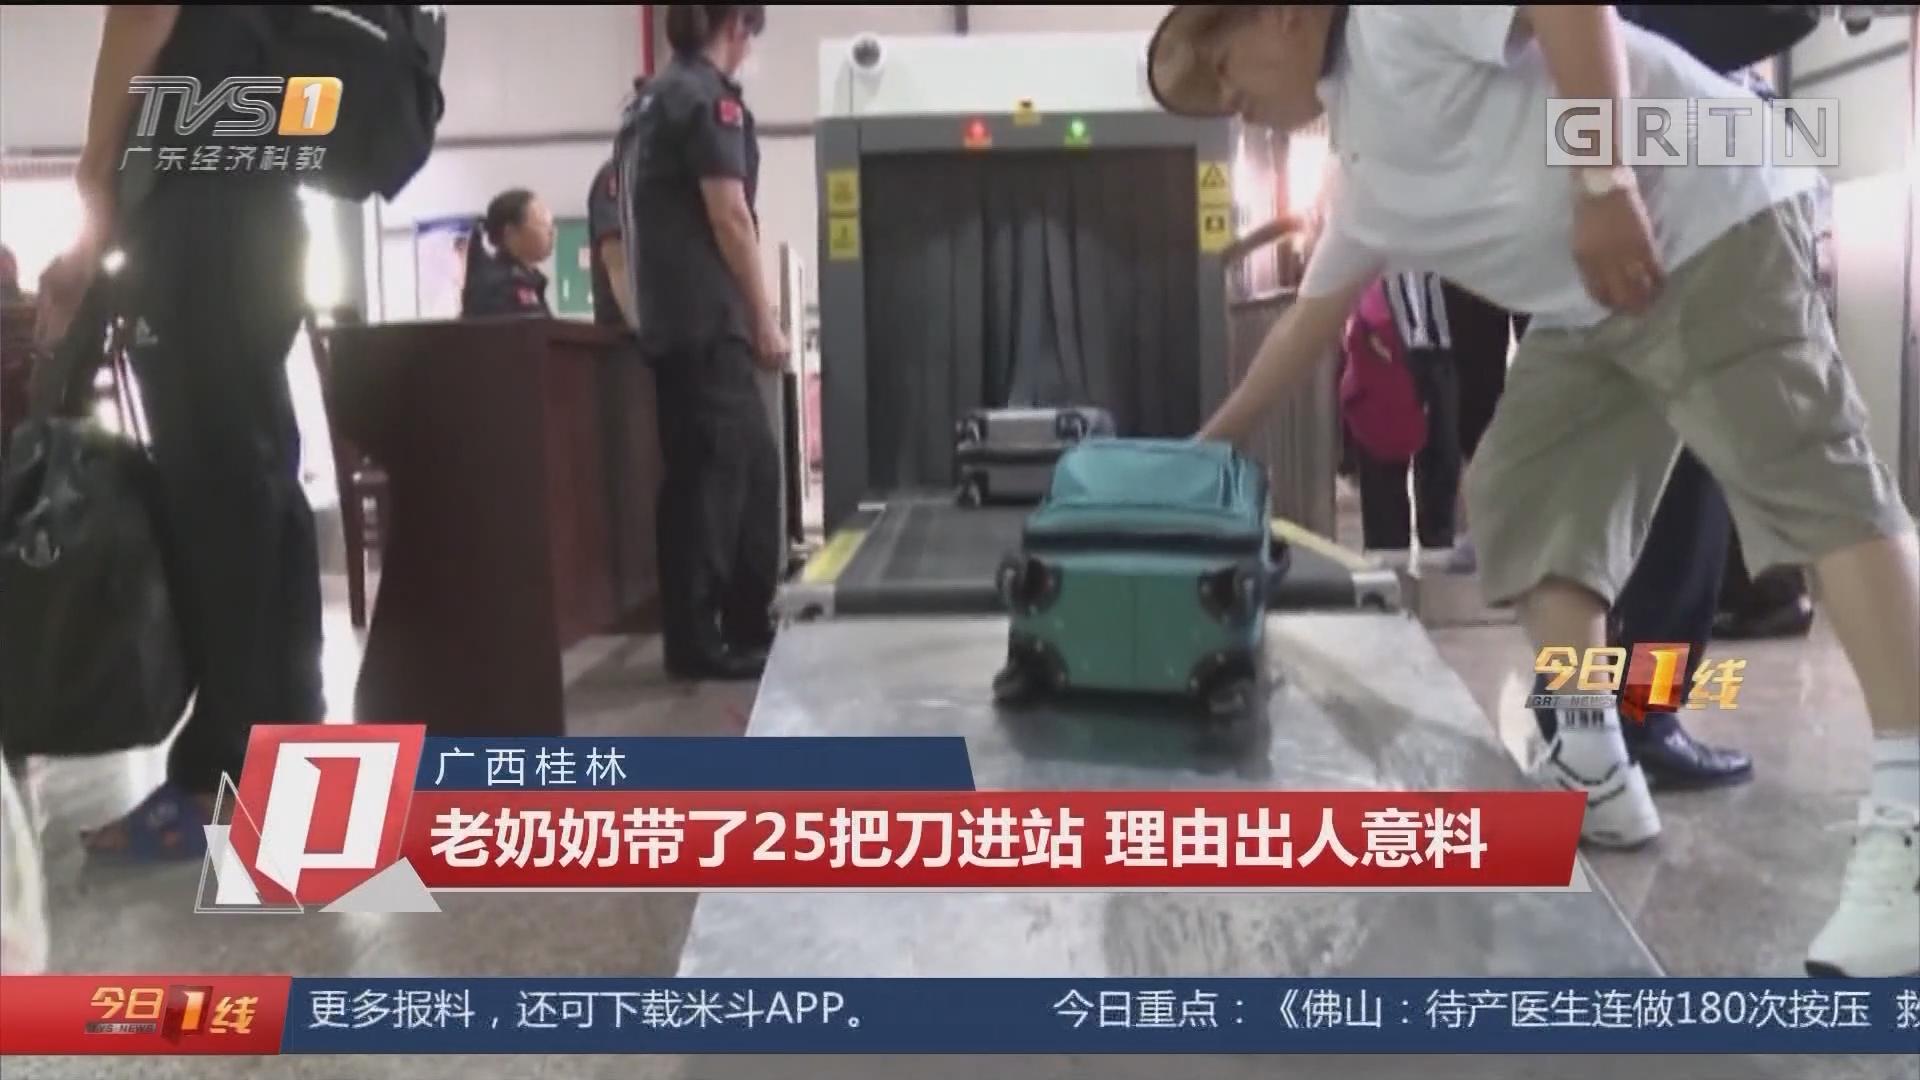 广西桂林:老奶奶带了25把刀进站 理由出人意料